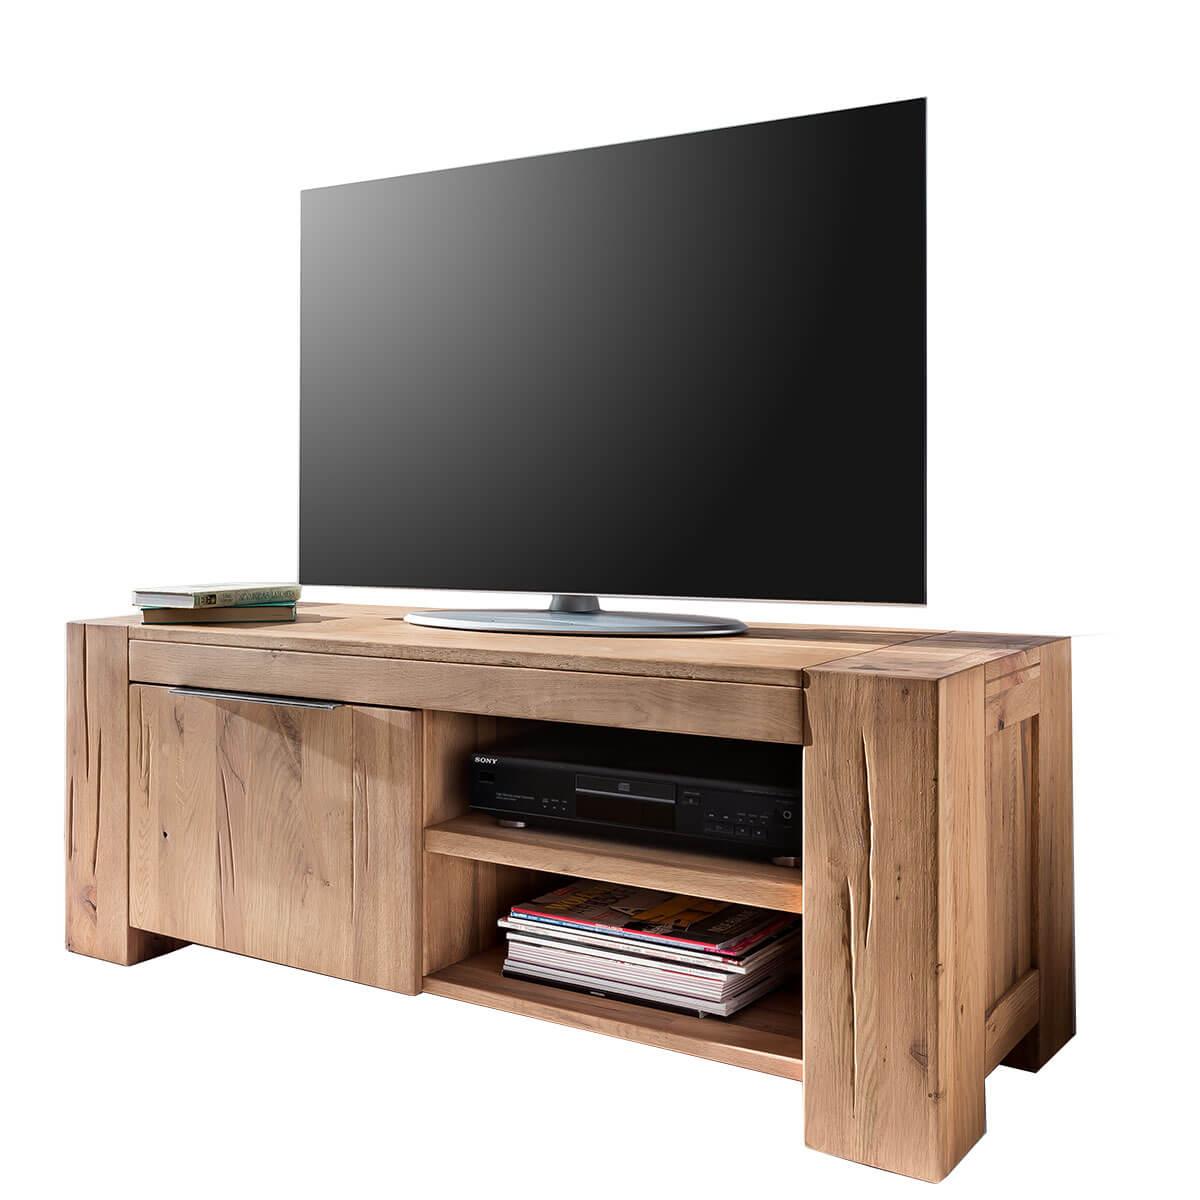 tv lowboard in eiche natural 130 cm m bel24. Black Bedroom Furniture Sets. Home Design Ideas